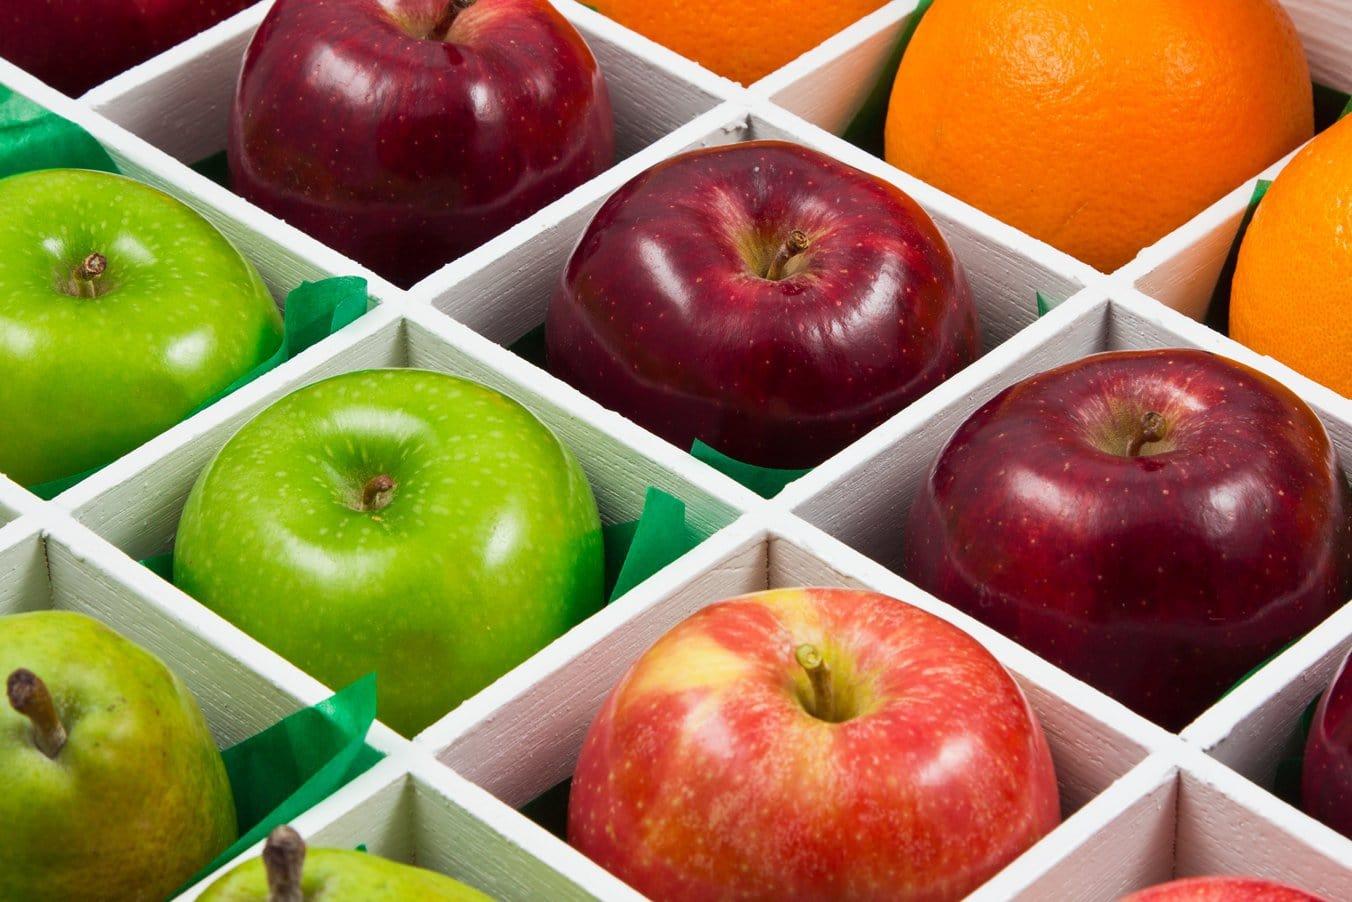 Nyborg Rejser byder på frugt